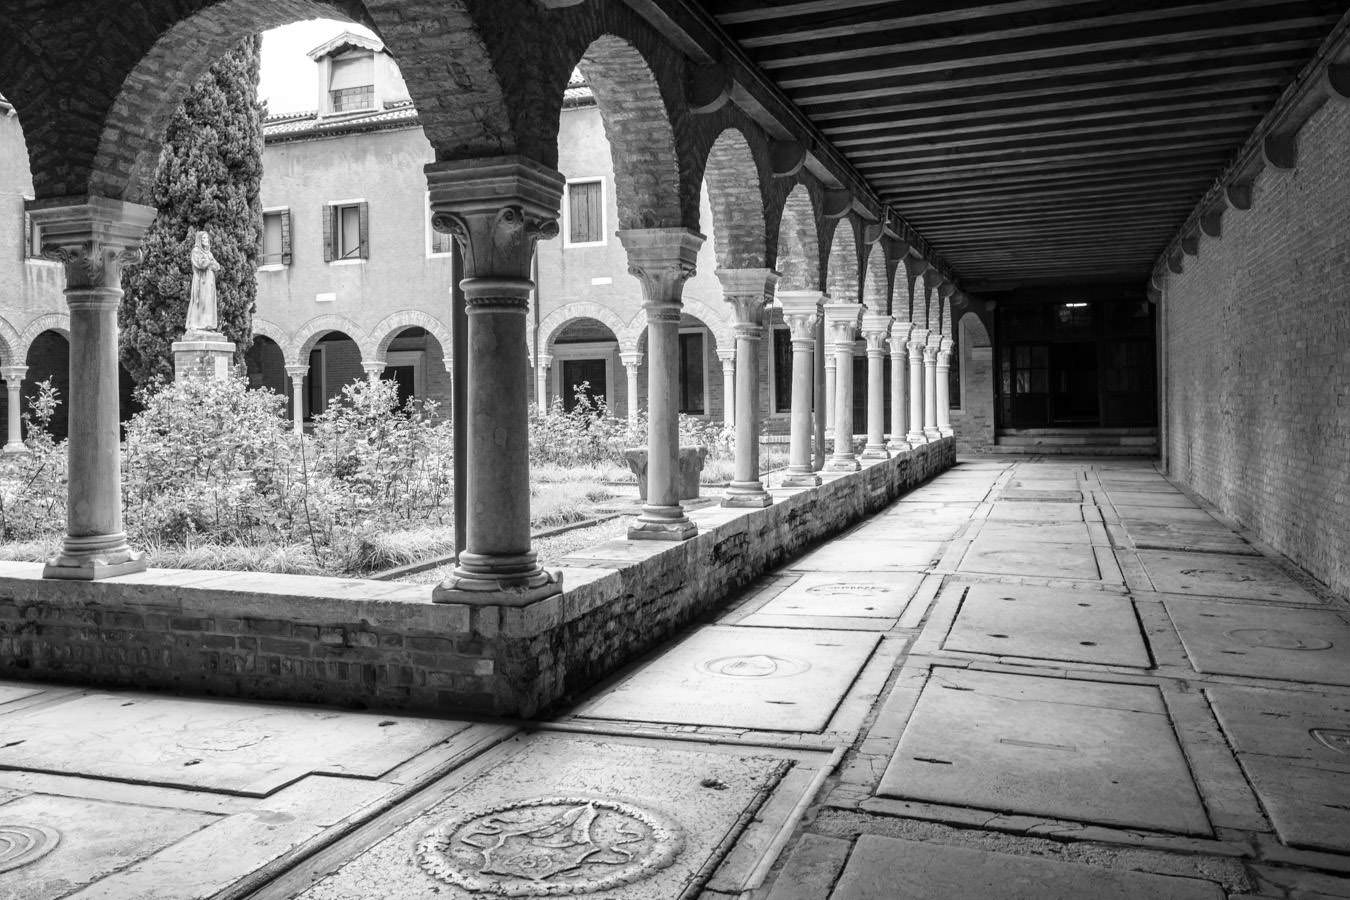 The-cloister-of-San-Francesco-della-Vigna